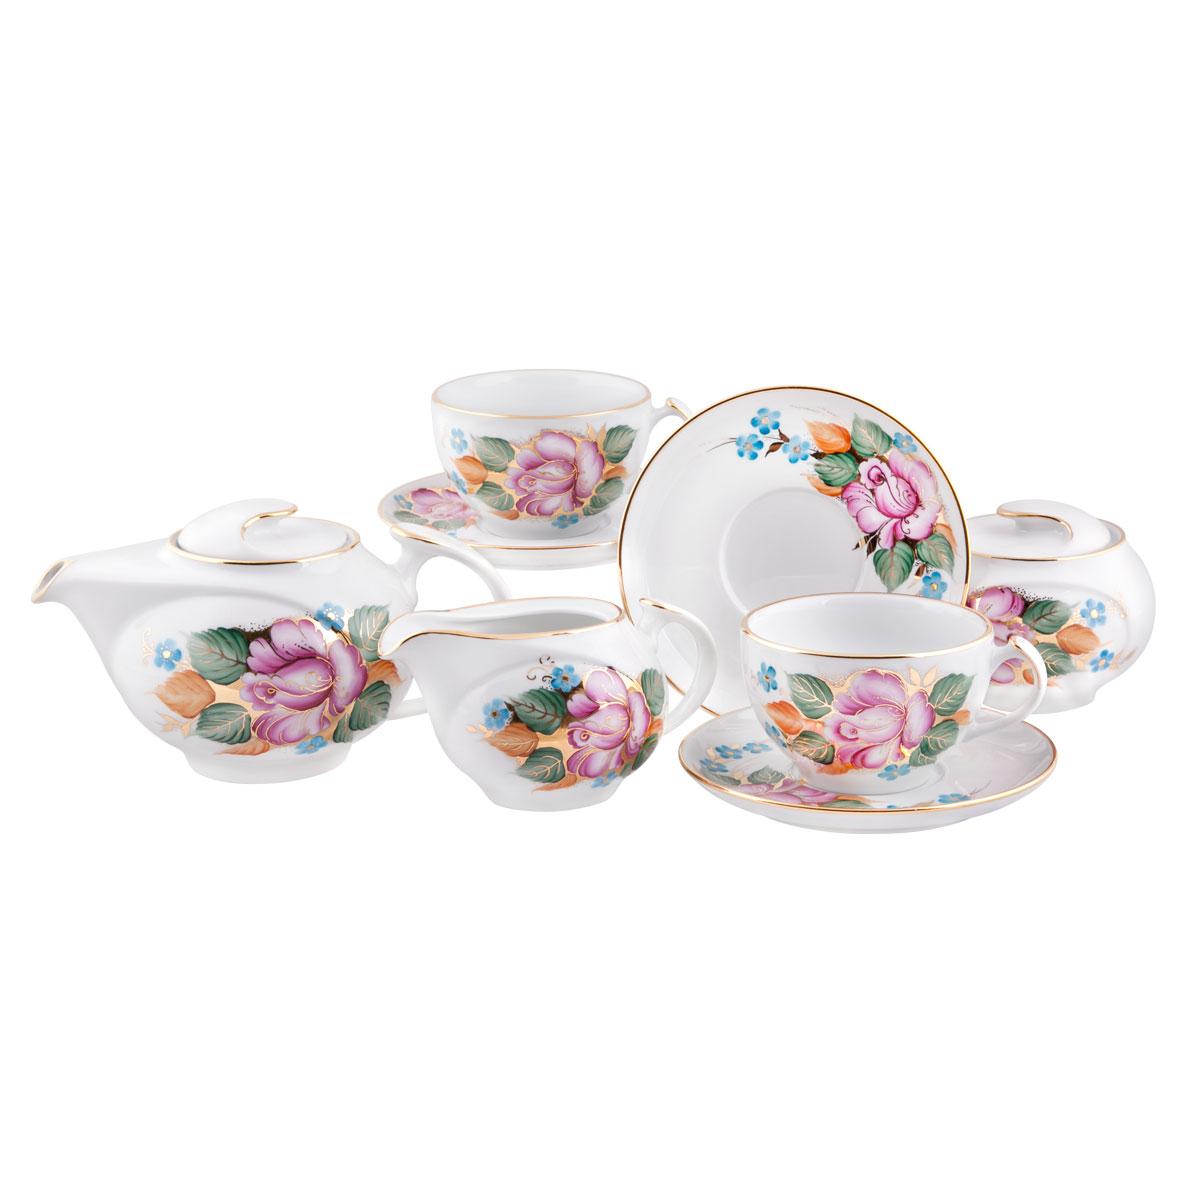 Сервиз чайный Башфарфор Розалия, 15 предметовСЧН 22.15.1 Ж.08Сервиз чайный из белого фарфора рассчитан на 6 персон. Тонкий белый фарфор.Изумительная посуда для настоящих ценителей с хорошим вкусом, подходит и для особых случаев и на каждый день. В состав набора входит: чашка 250мл 6 шт, блюдце 14,5см 6 шт, сахарница 300мл 1шт, чайник 600мл 1 шт, Молочник 250мл 1шт.